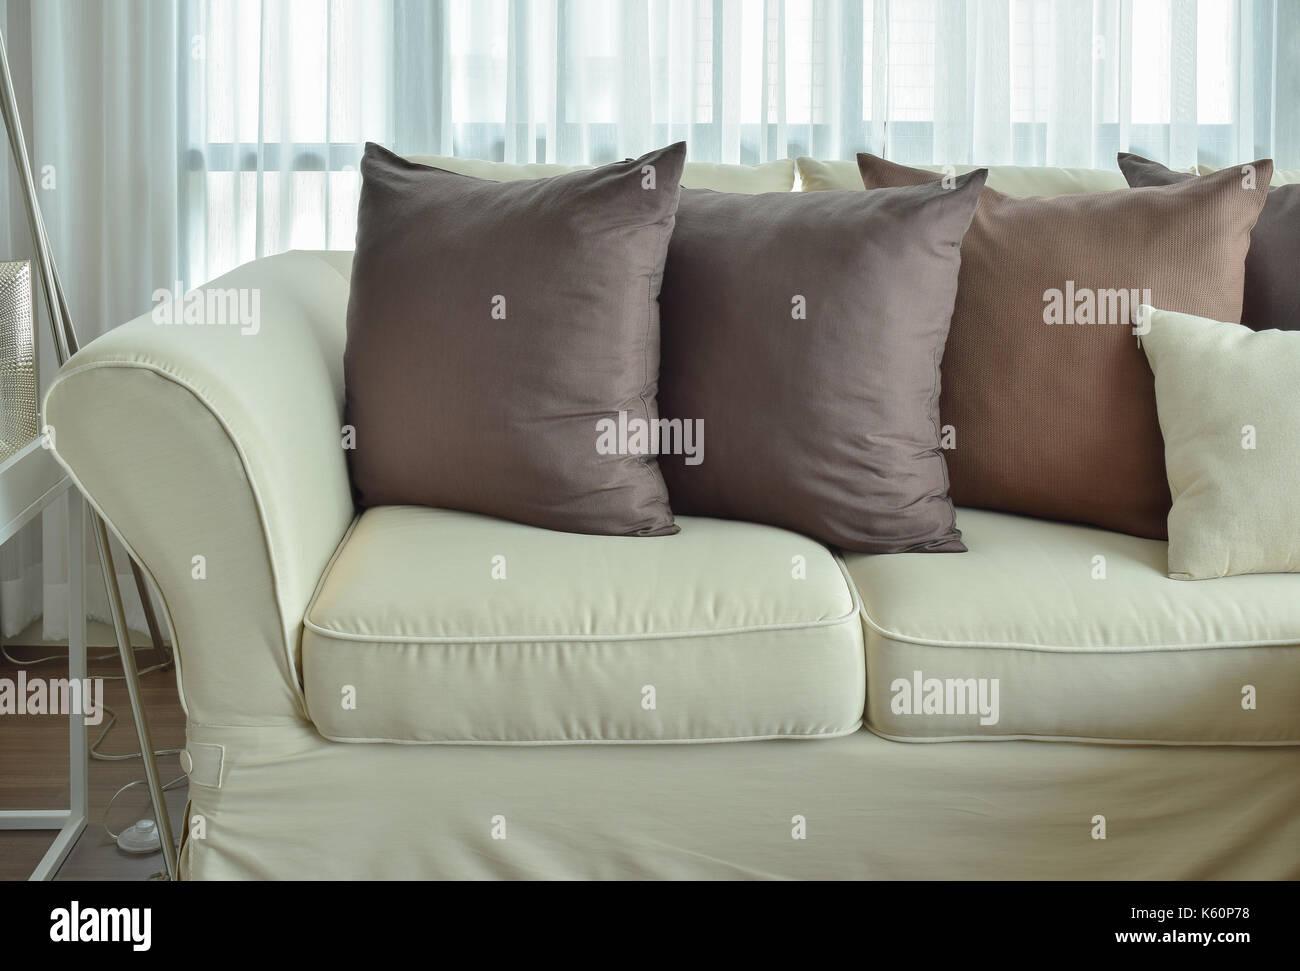 Cuscini Su Divano Marrone il marrone scuro cuscini impostazione sul colore beige